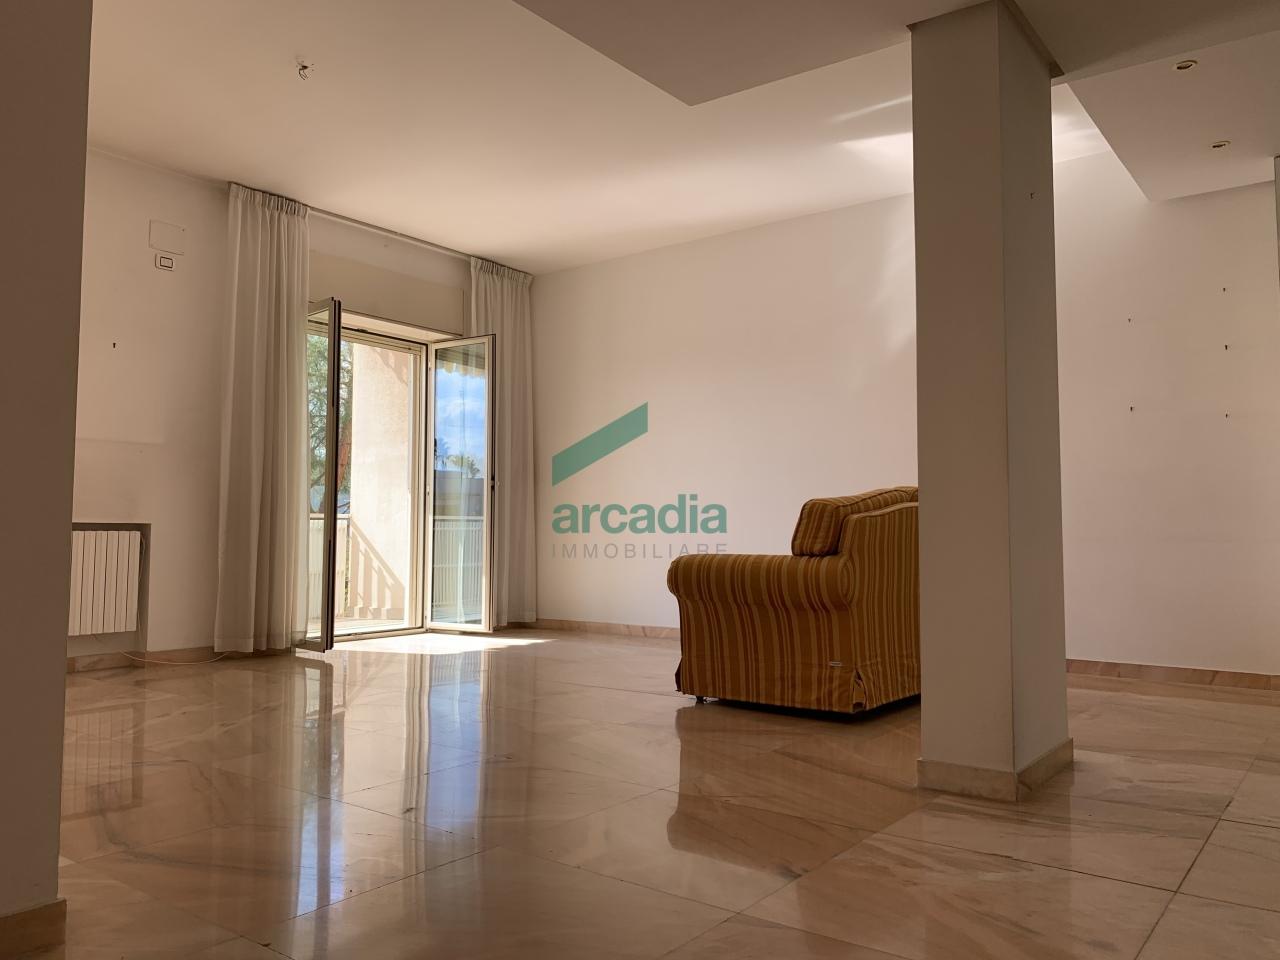 Appartamento in vendita a Bari, 4 locali, prezzo € 280.000 | CambioCasa.it